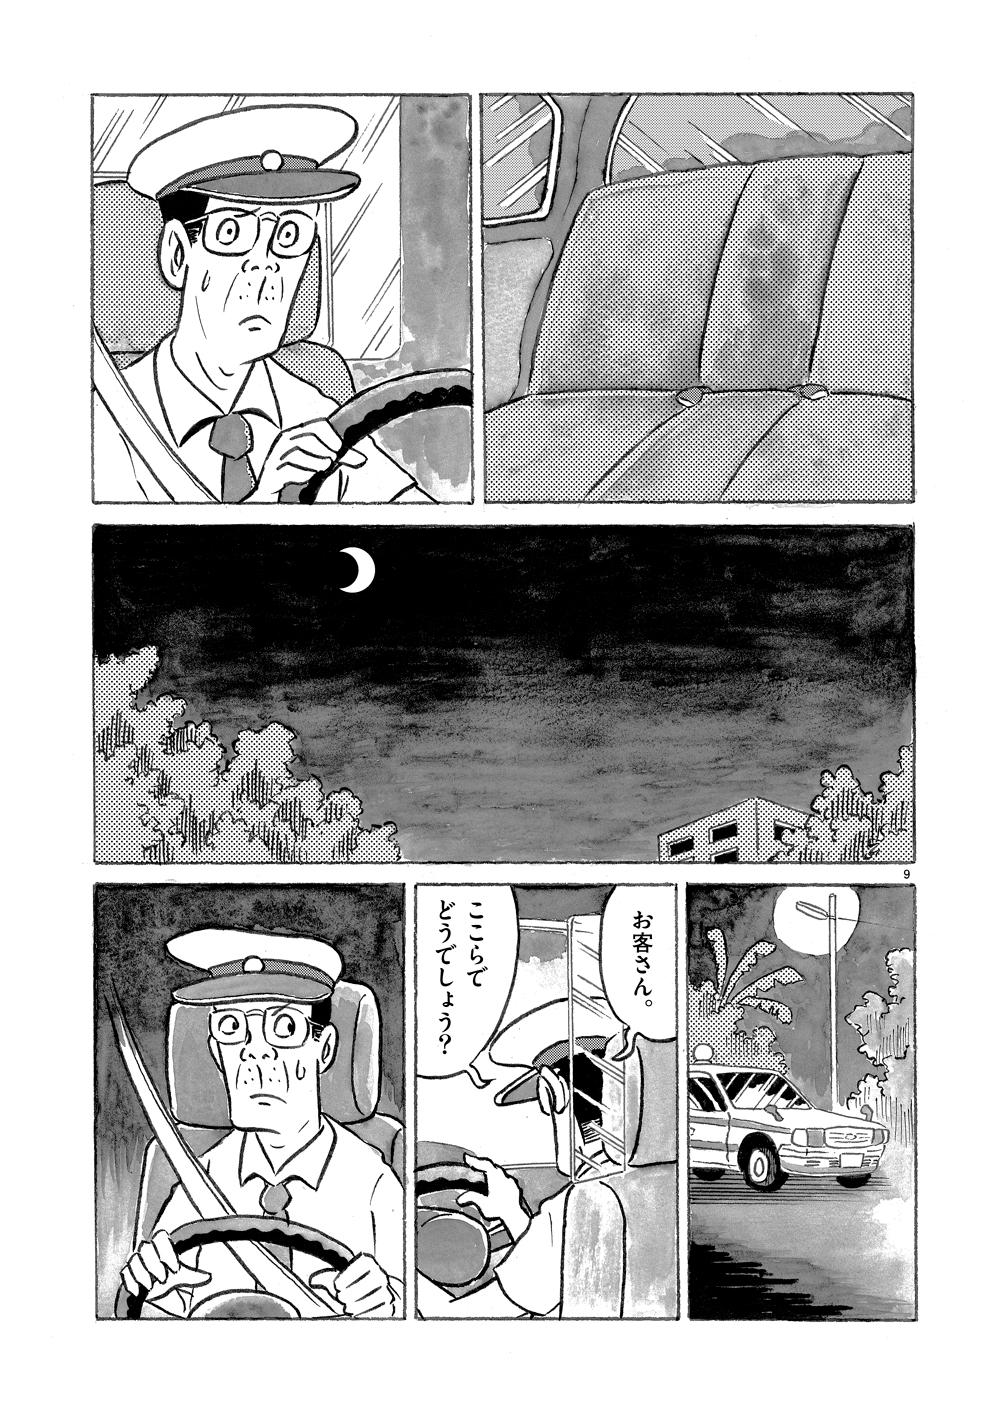 琉球怪談 【第9話】WEB掲載9ページ目画像